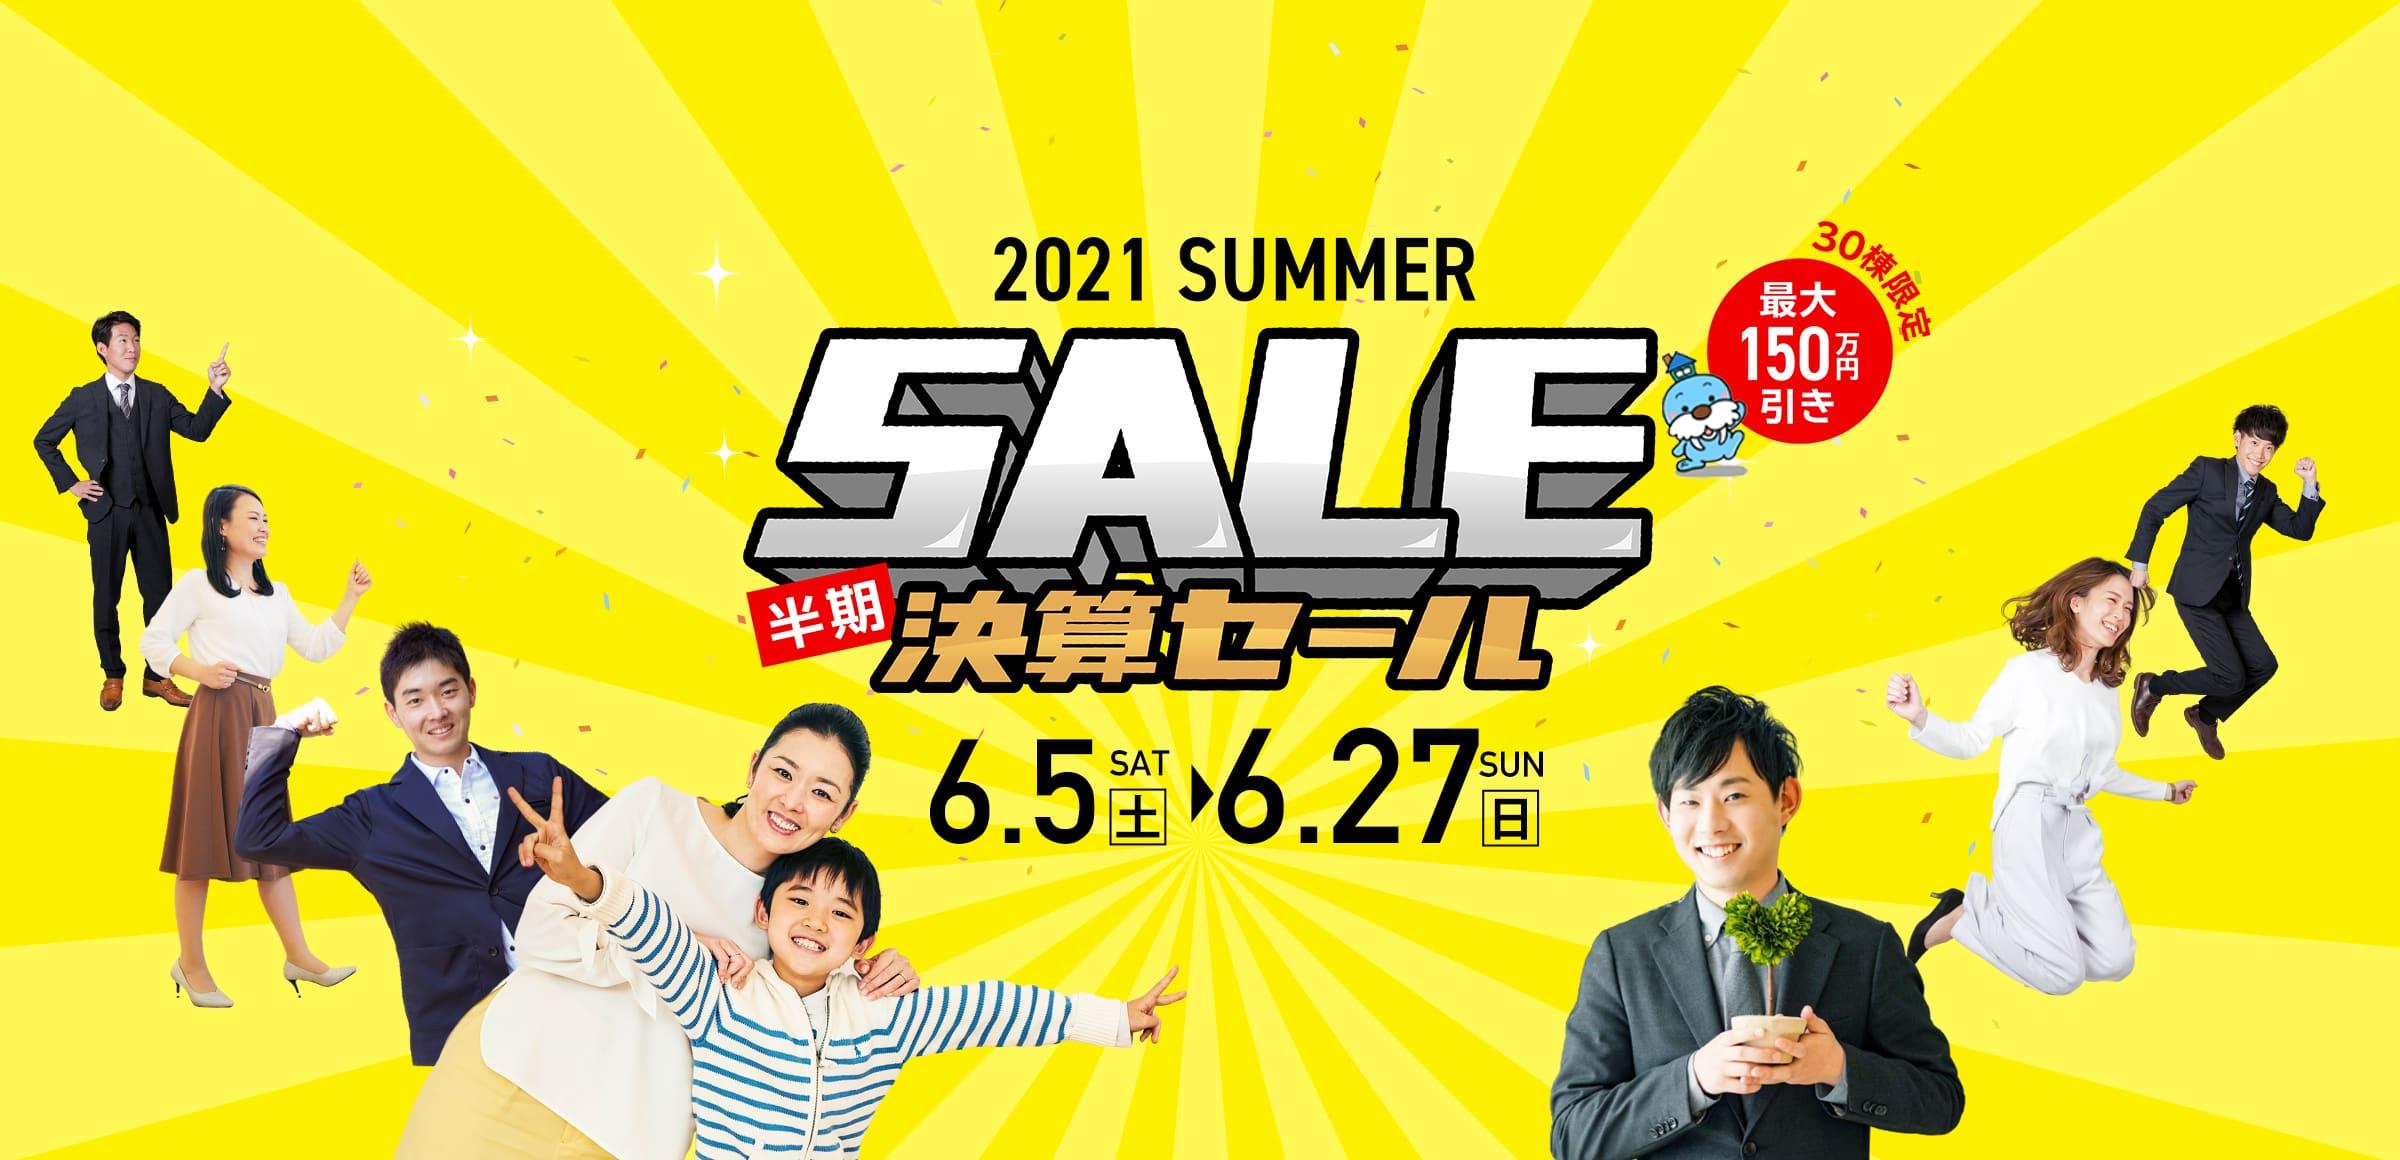 30棟限定最大150万円引き 2021 SUMMER SALE 半期決算セール 6.5~6.27